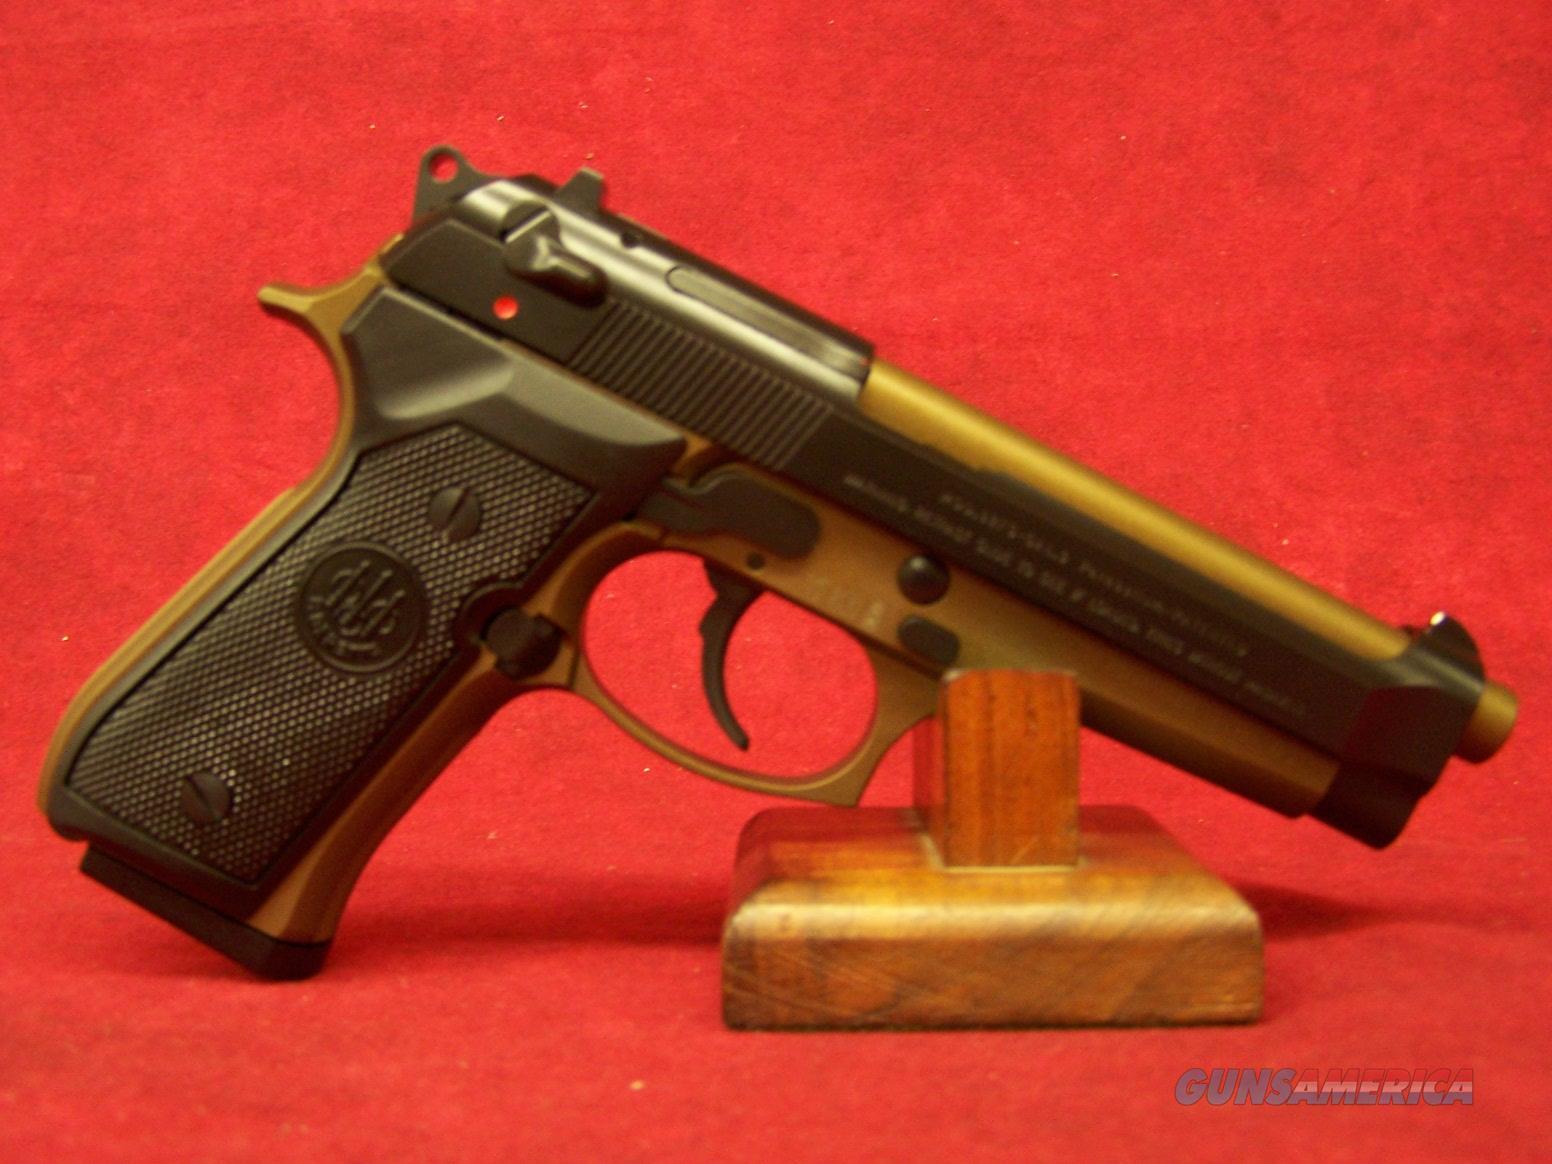 """BERETTA 92FS BURNT BRONZE 9MM  4.9"""" BRONZE/BLACK 15+1 FS  (JS92F340M)  Guns > Pistols > Beretta Pistols > Model 92 Series"""